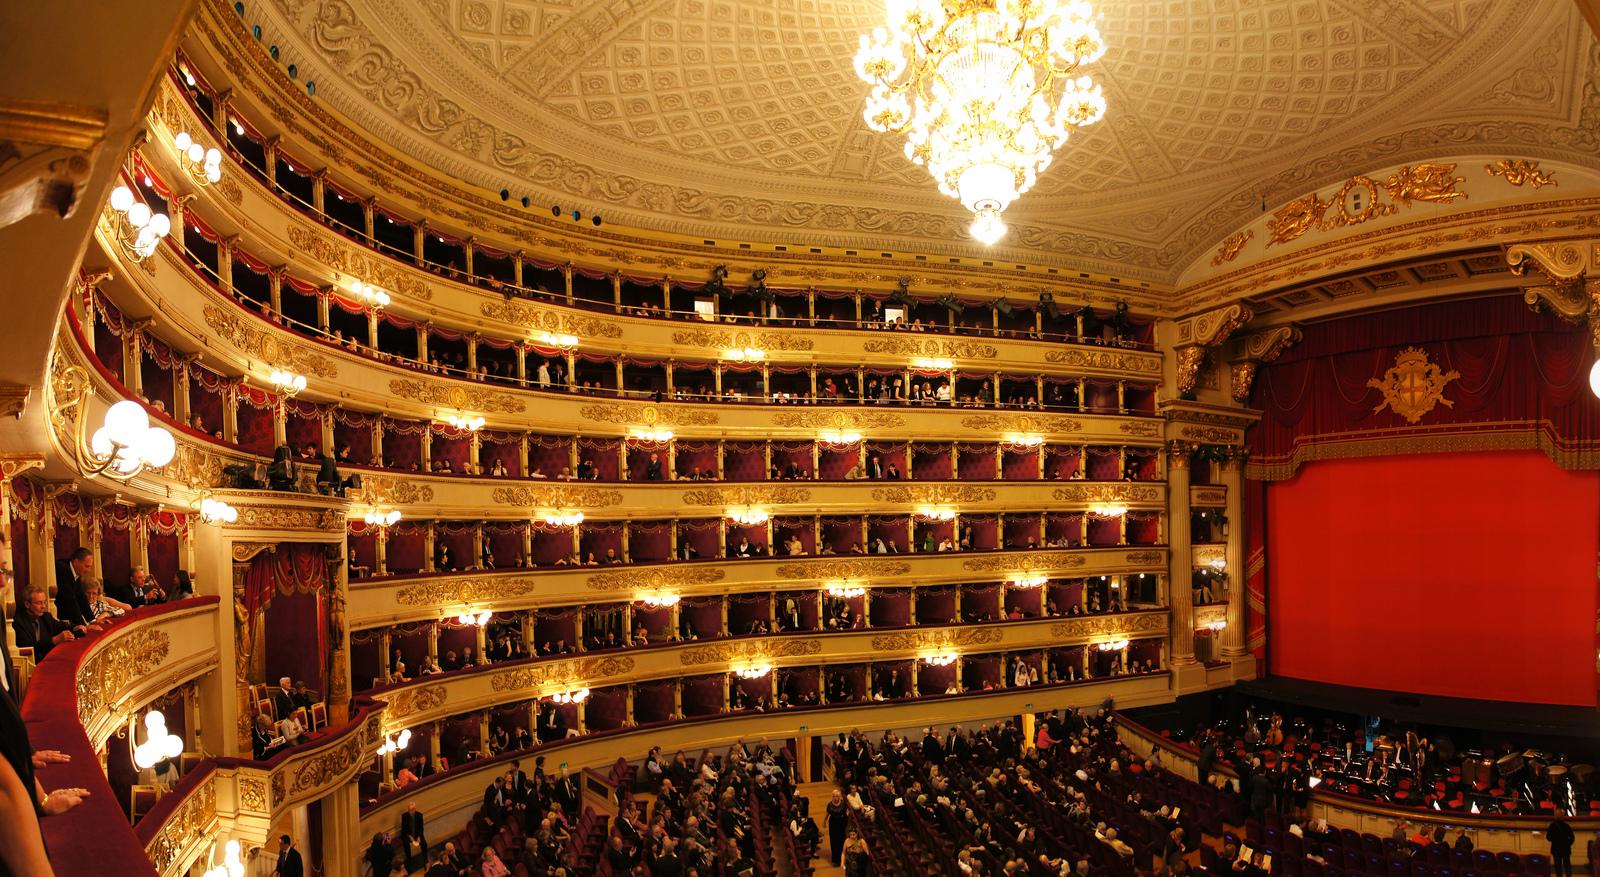 Teatro alla Scala - La cena delle beffe